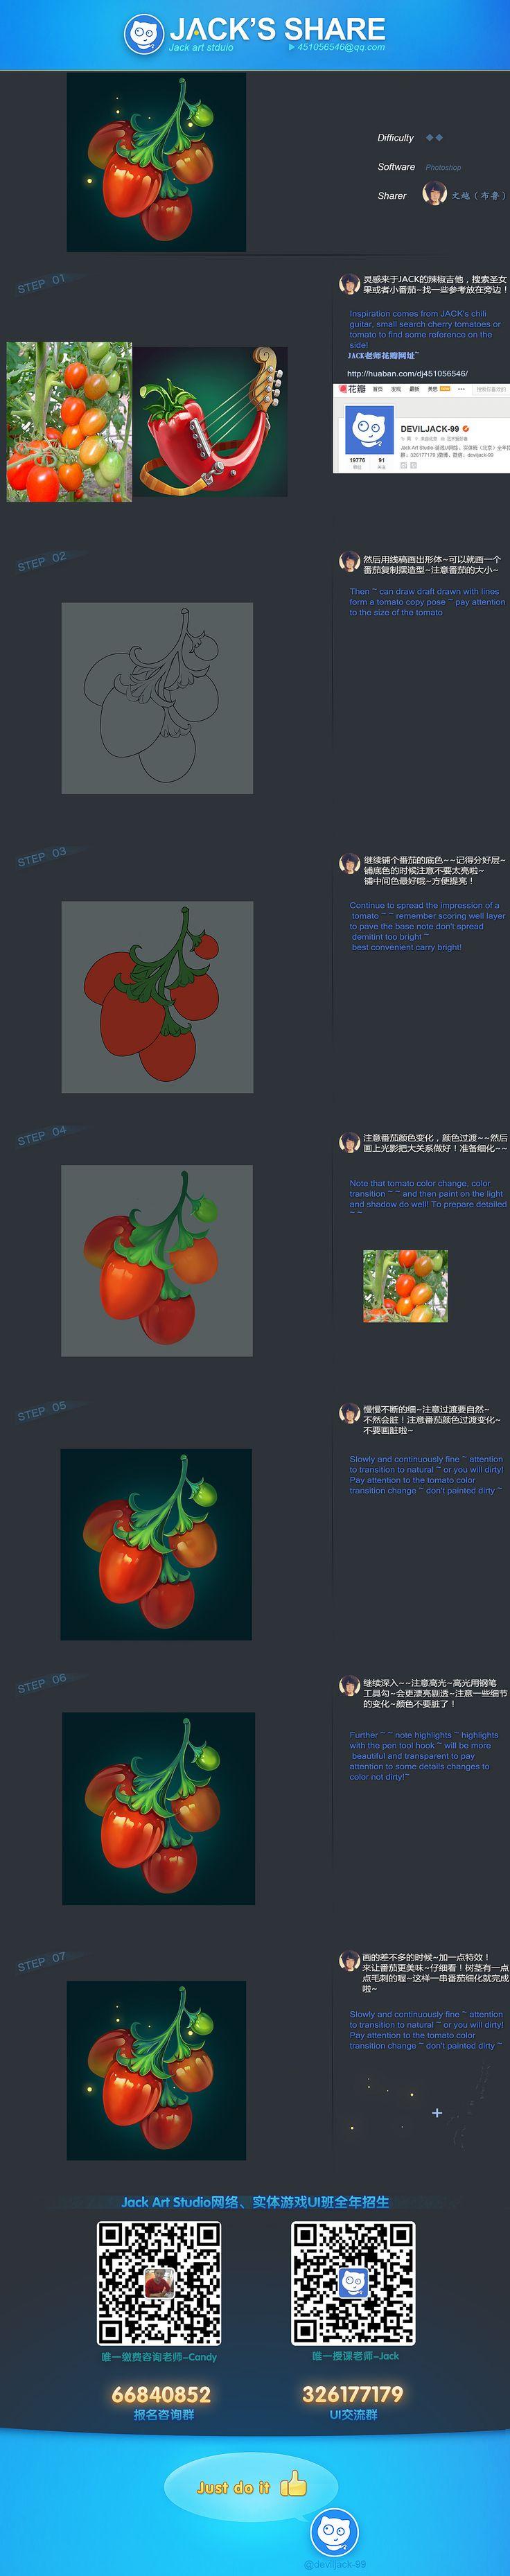 UI报名群66840852/UI交流群326177179 http://blog.sina.com.cn/deviljack99  http://weibo.com/u/2796854547 http://i.youku.com/Deviljack99-gameui/gui/ui/icon/interface/logo/design/share图标/界面/教程/游戏设计